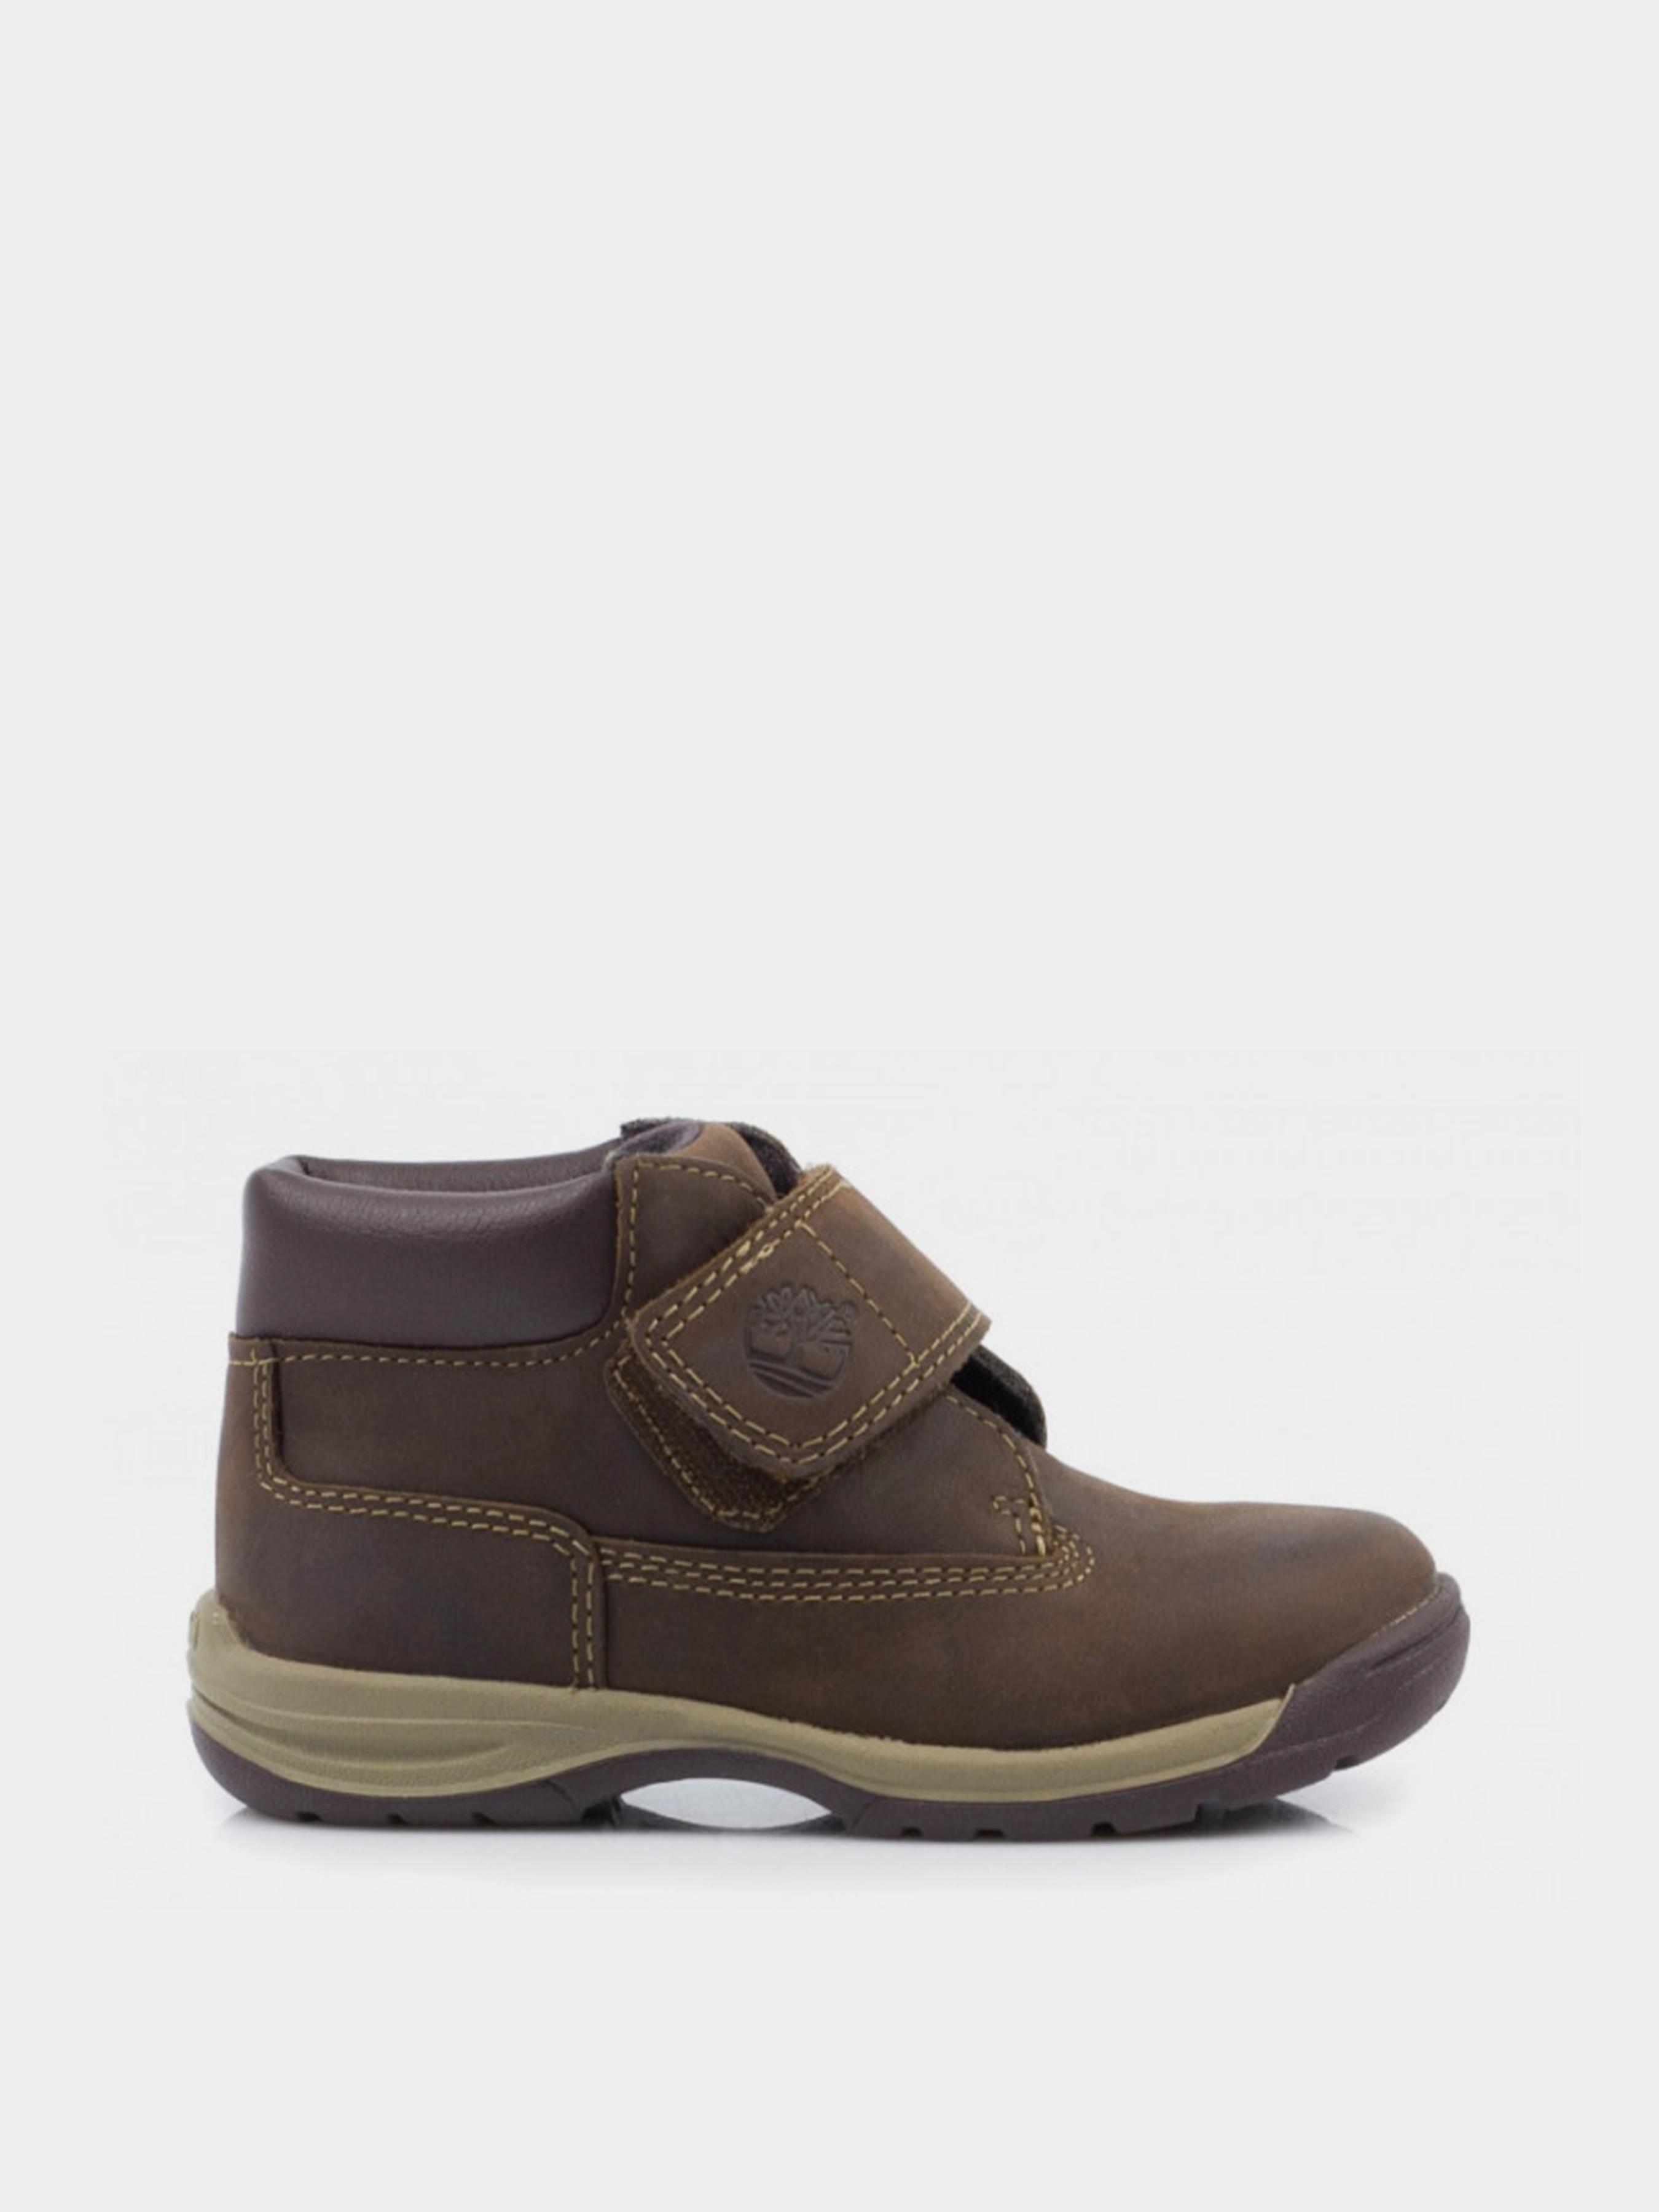 Ботинки для детей Timberland TIMBER TYKES TL1307 купить в Интертоп, 2017 18177667f39